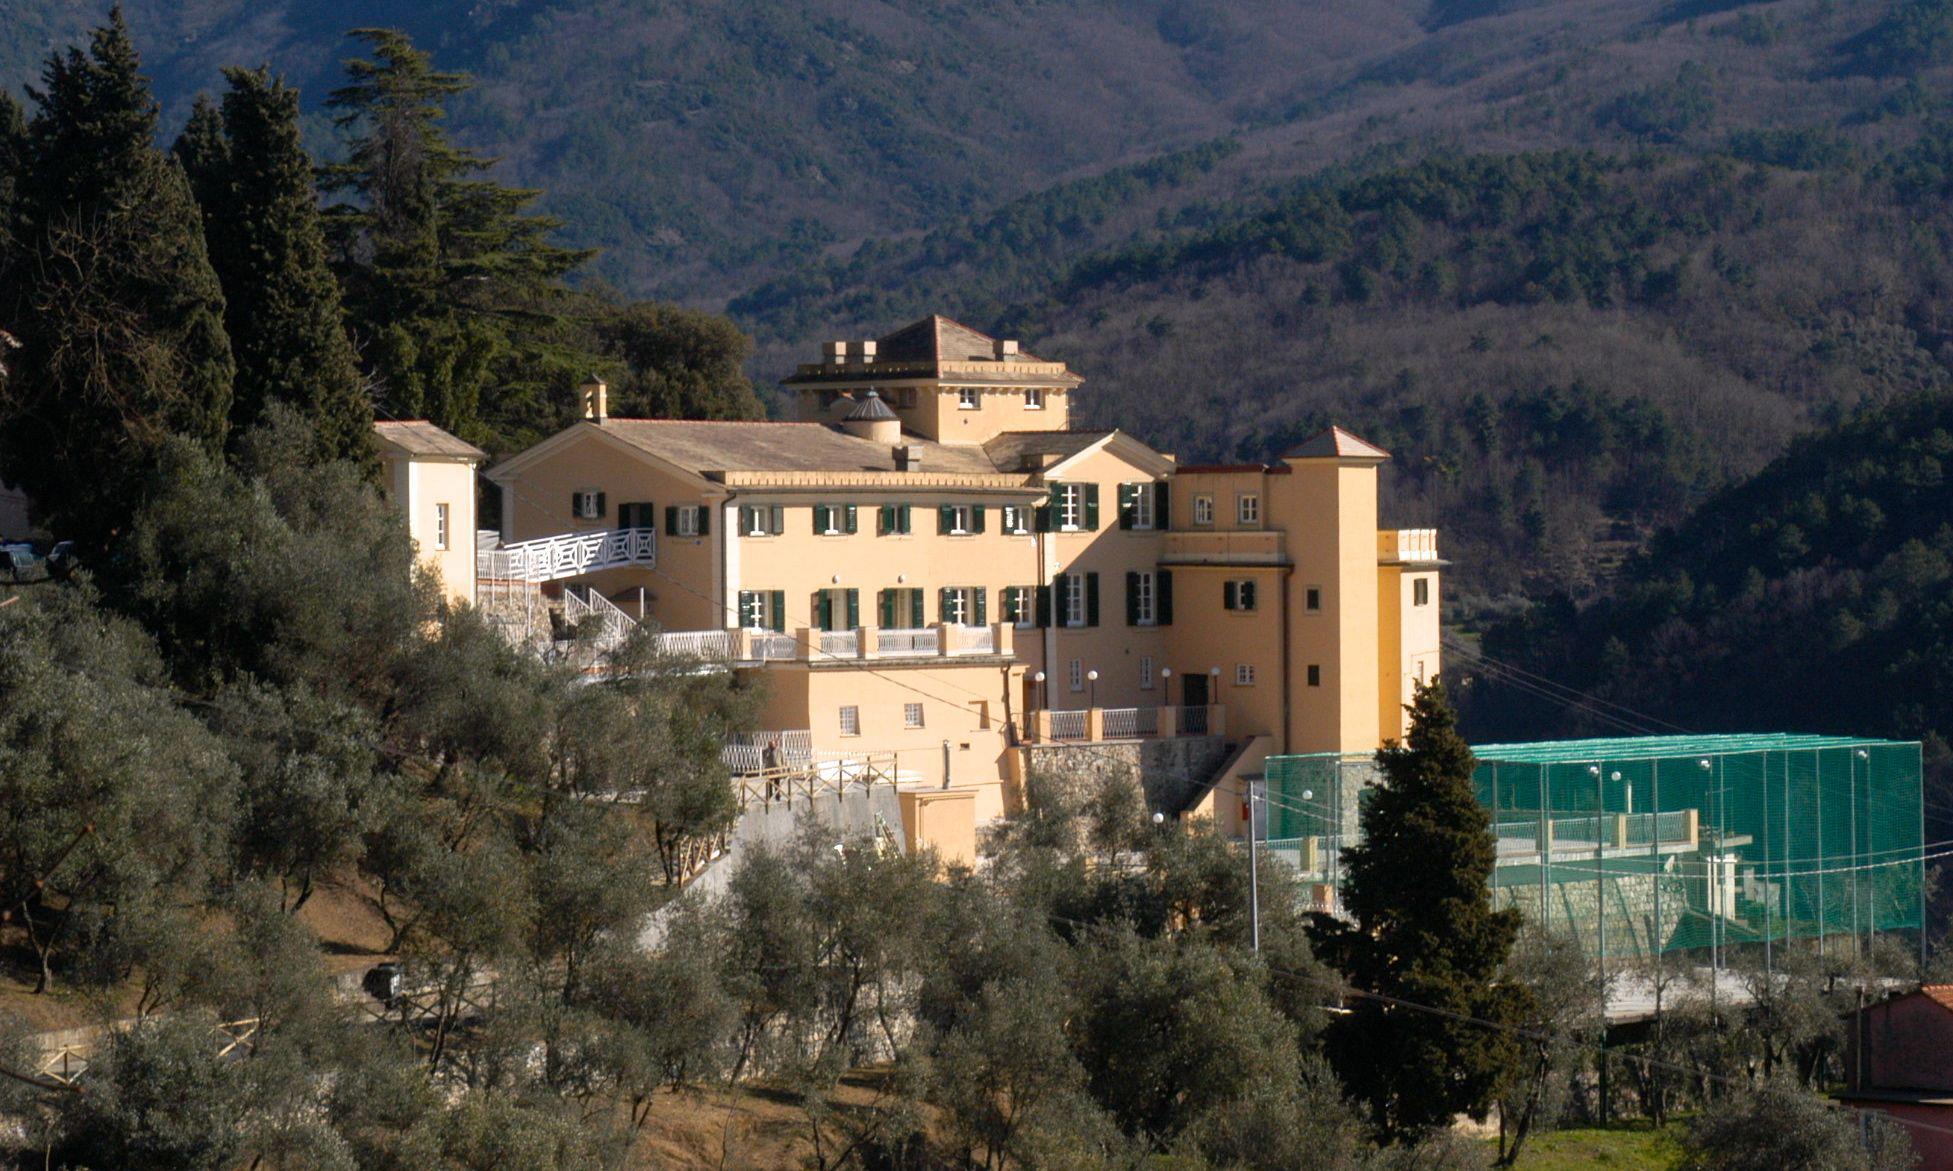 Villaggio del Ragazzo - Centro Costa Zenoglio